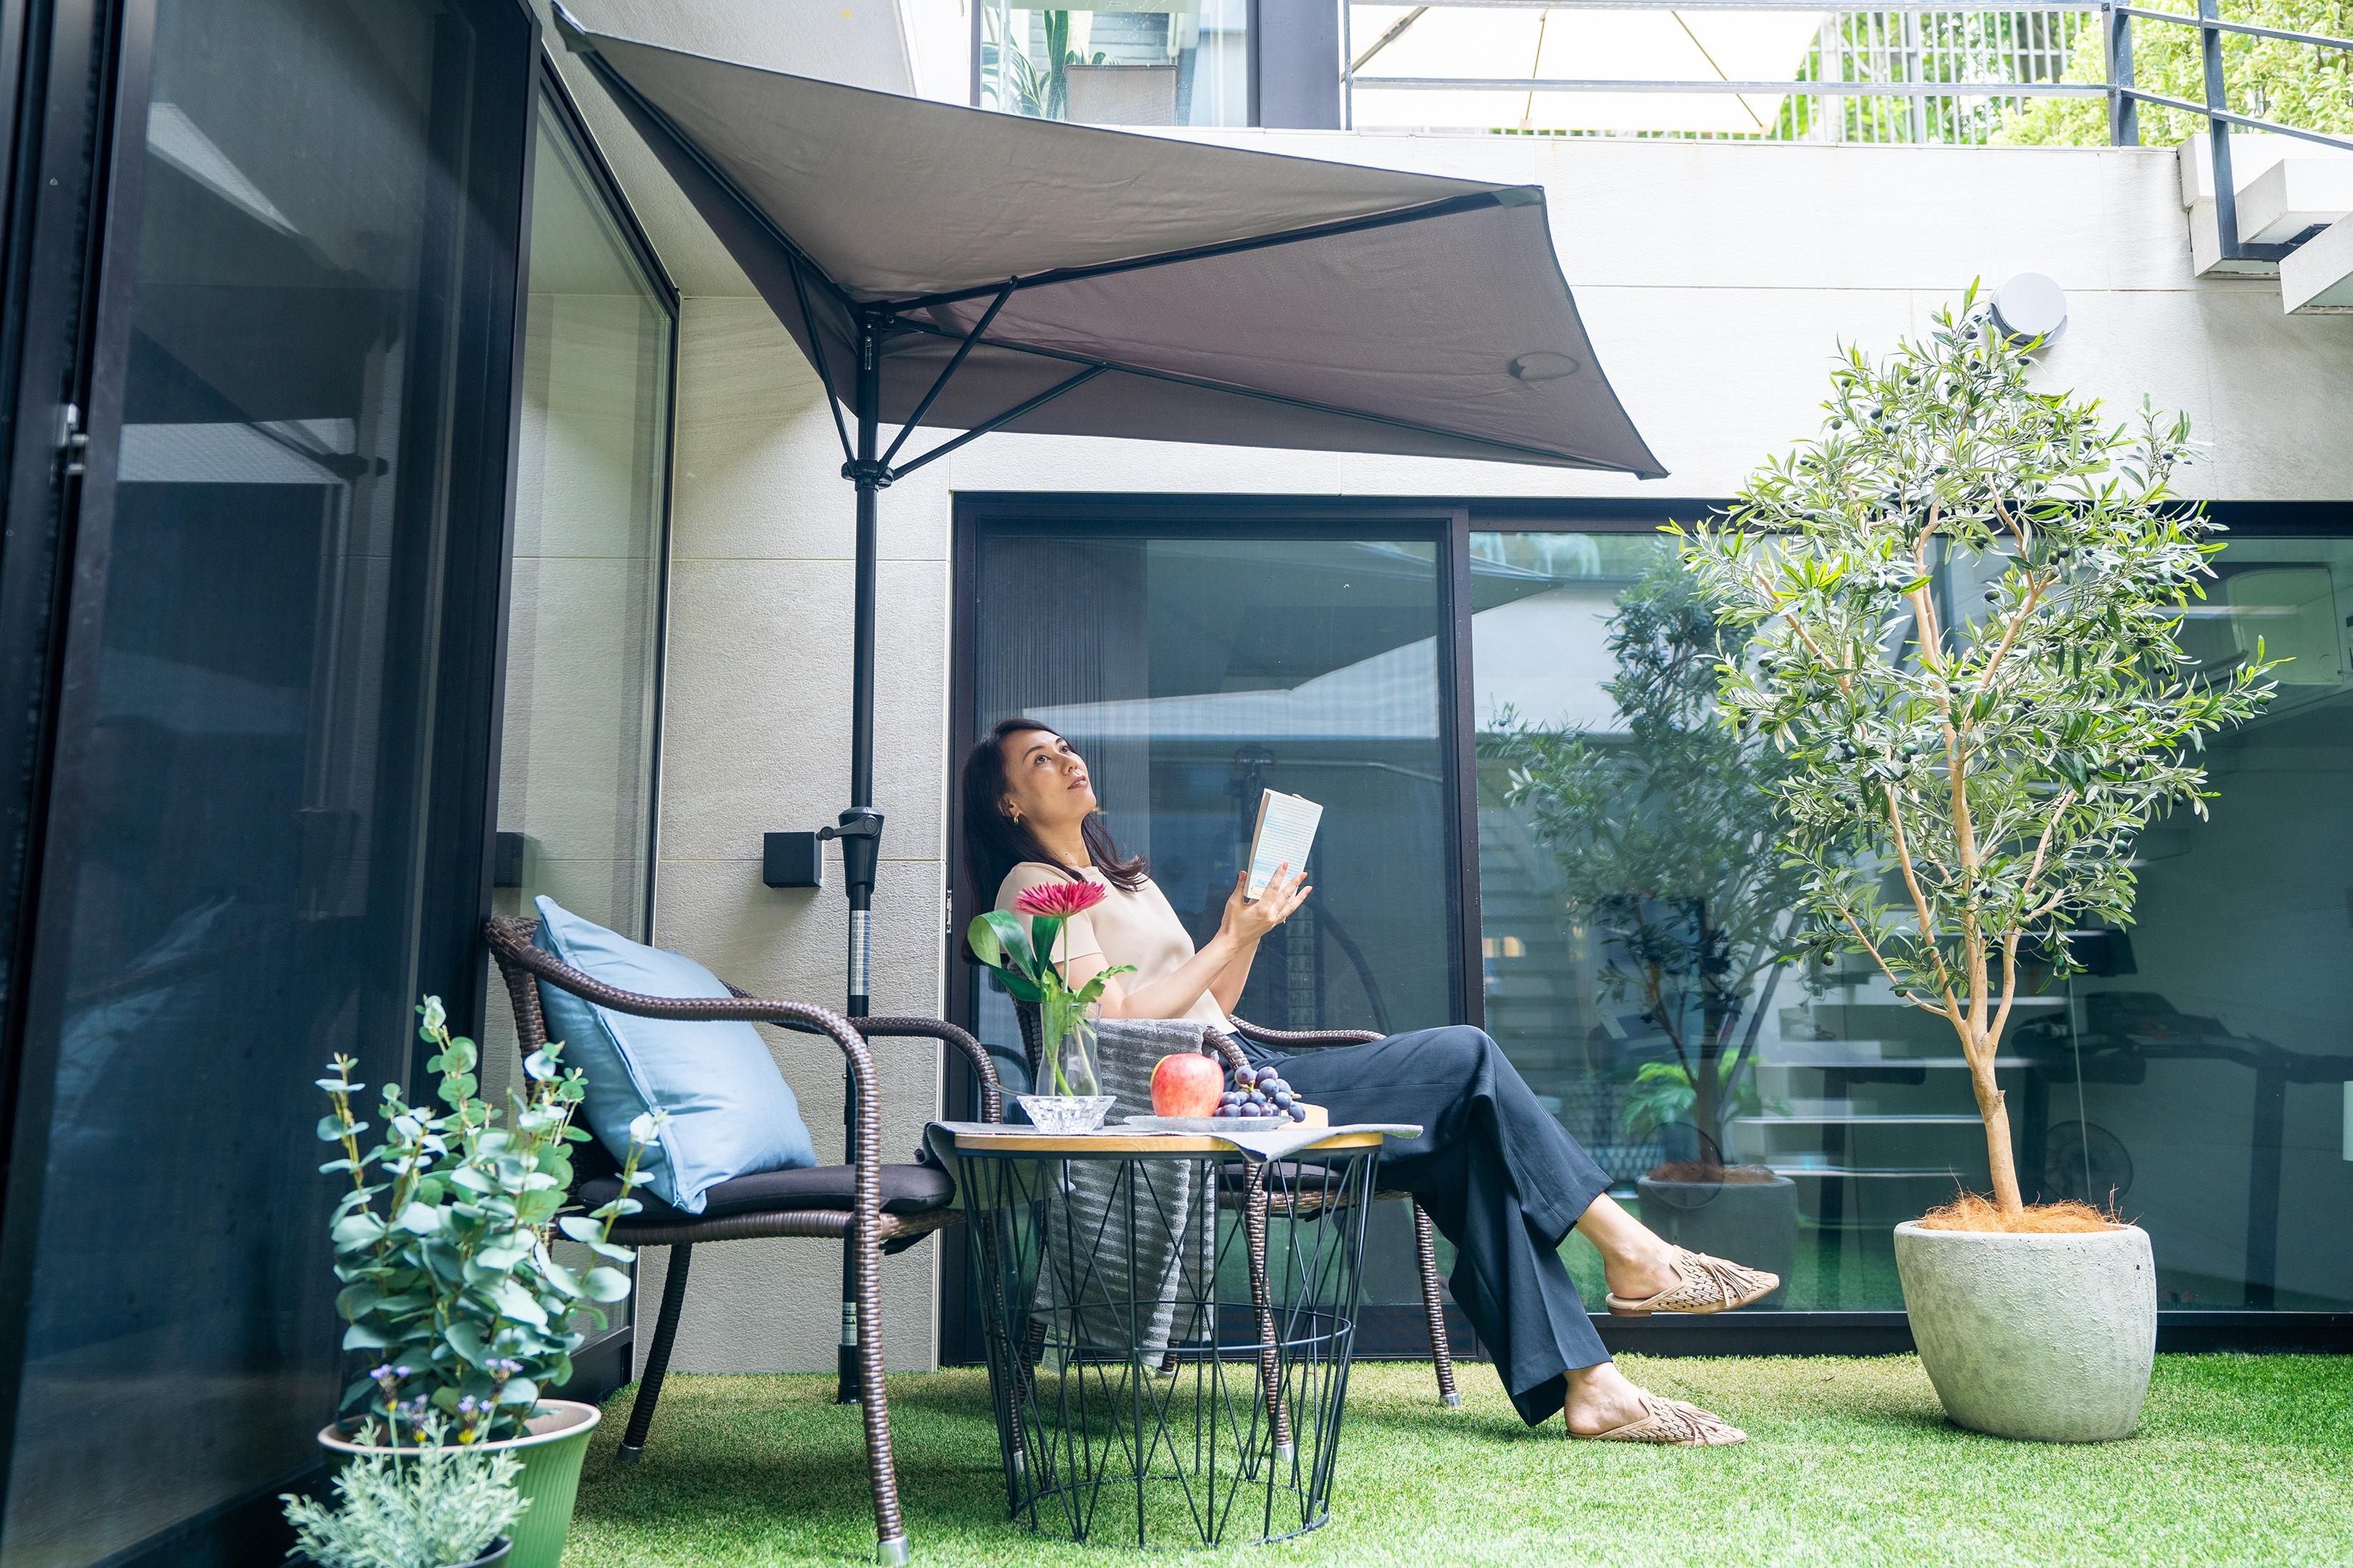 パラシェードクォーター,自宅の庭での設置,読書をする女性の写真